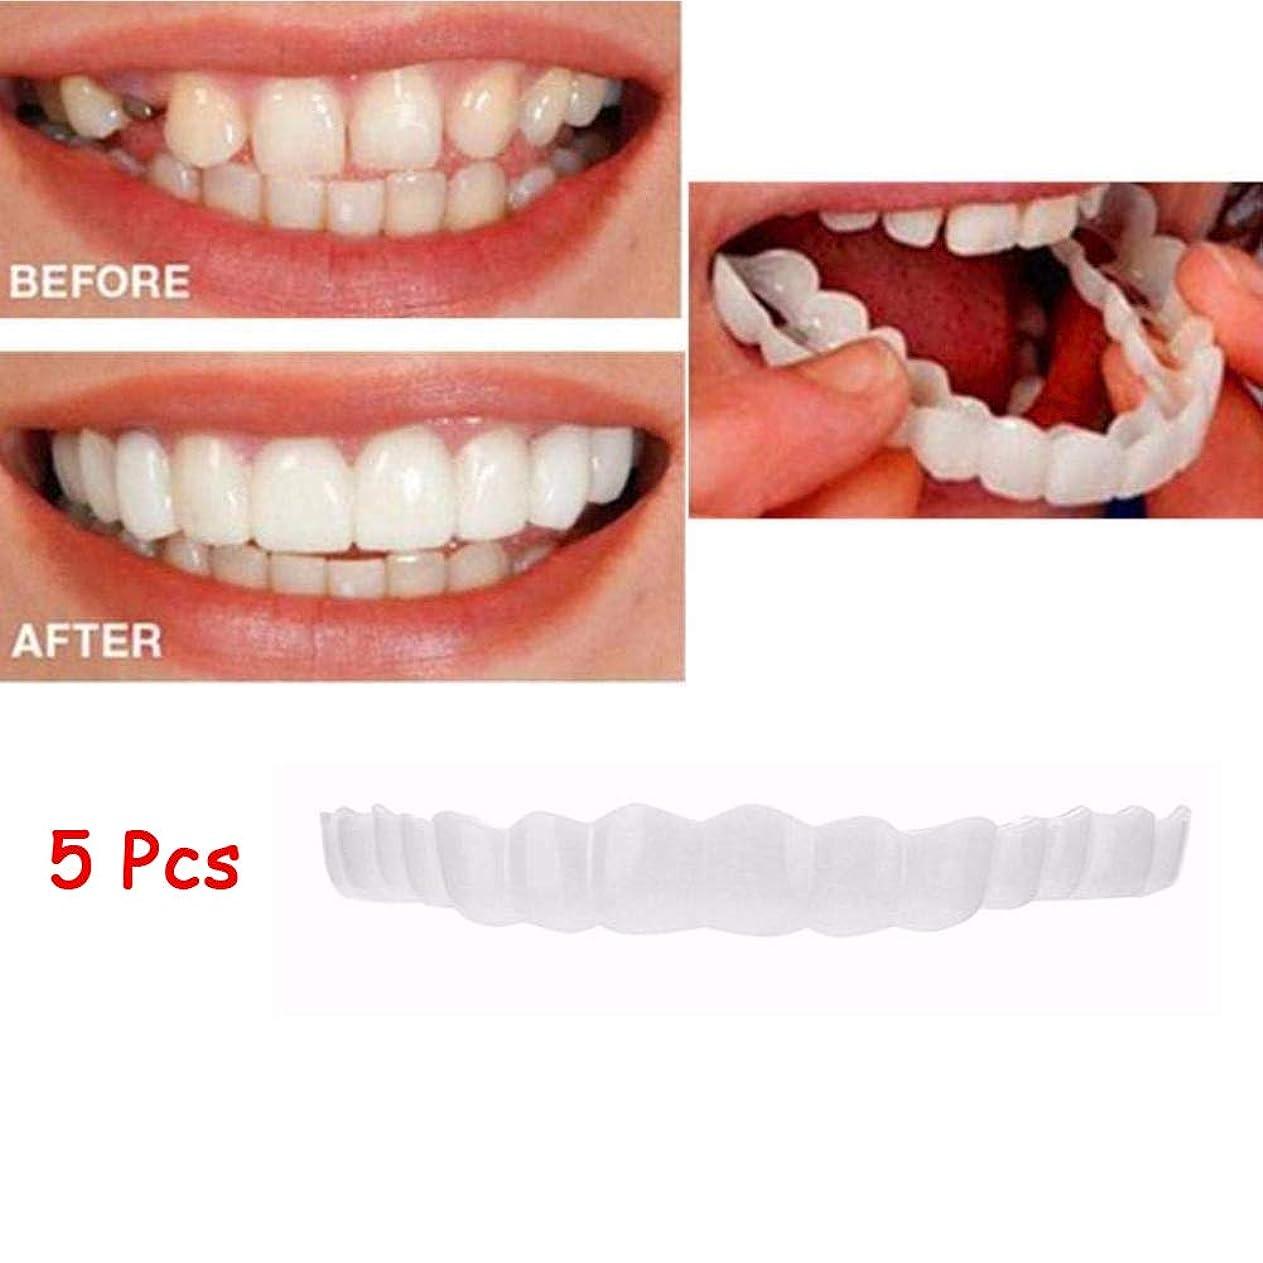 突破口学校教育もっともらしい5本突き板、化粧品の歯 - 一時的な笑顔の快適さフィットフレックス化粧品の歯ワンサイズは最も快適な歯のベニーにフィット